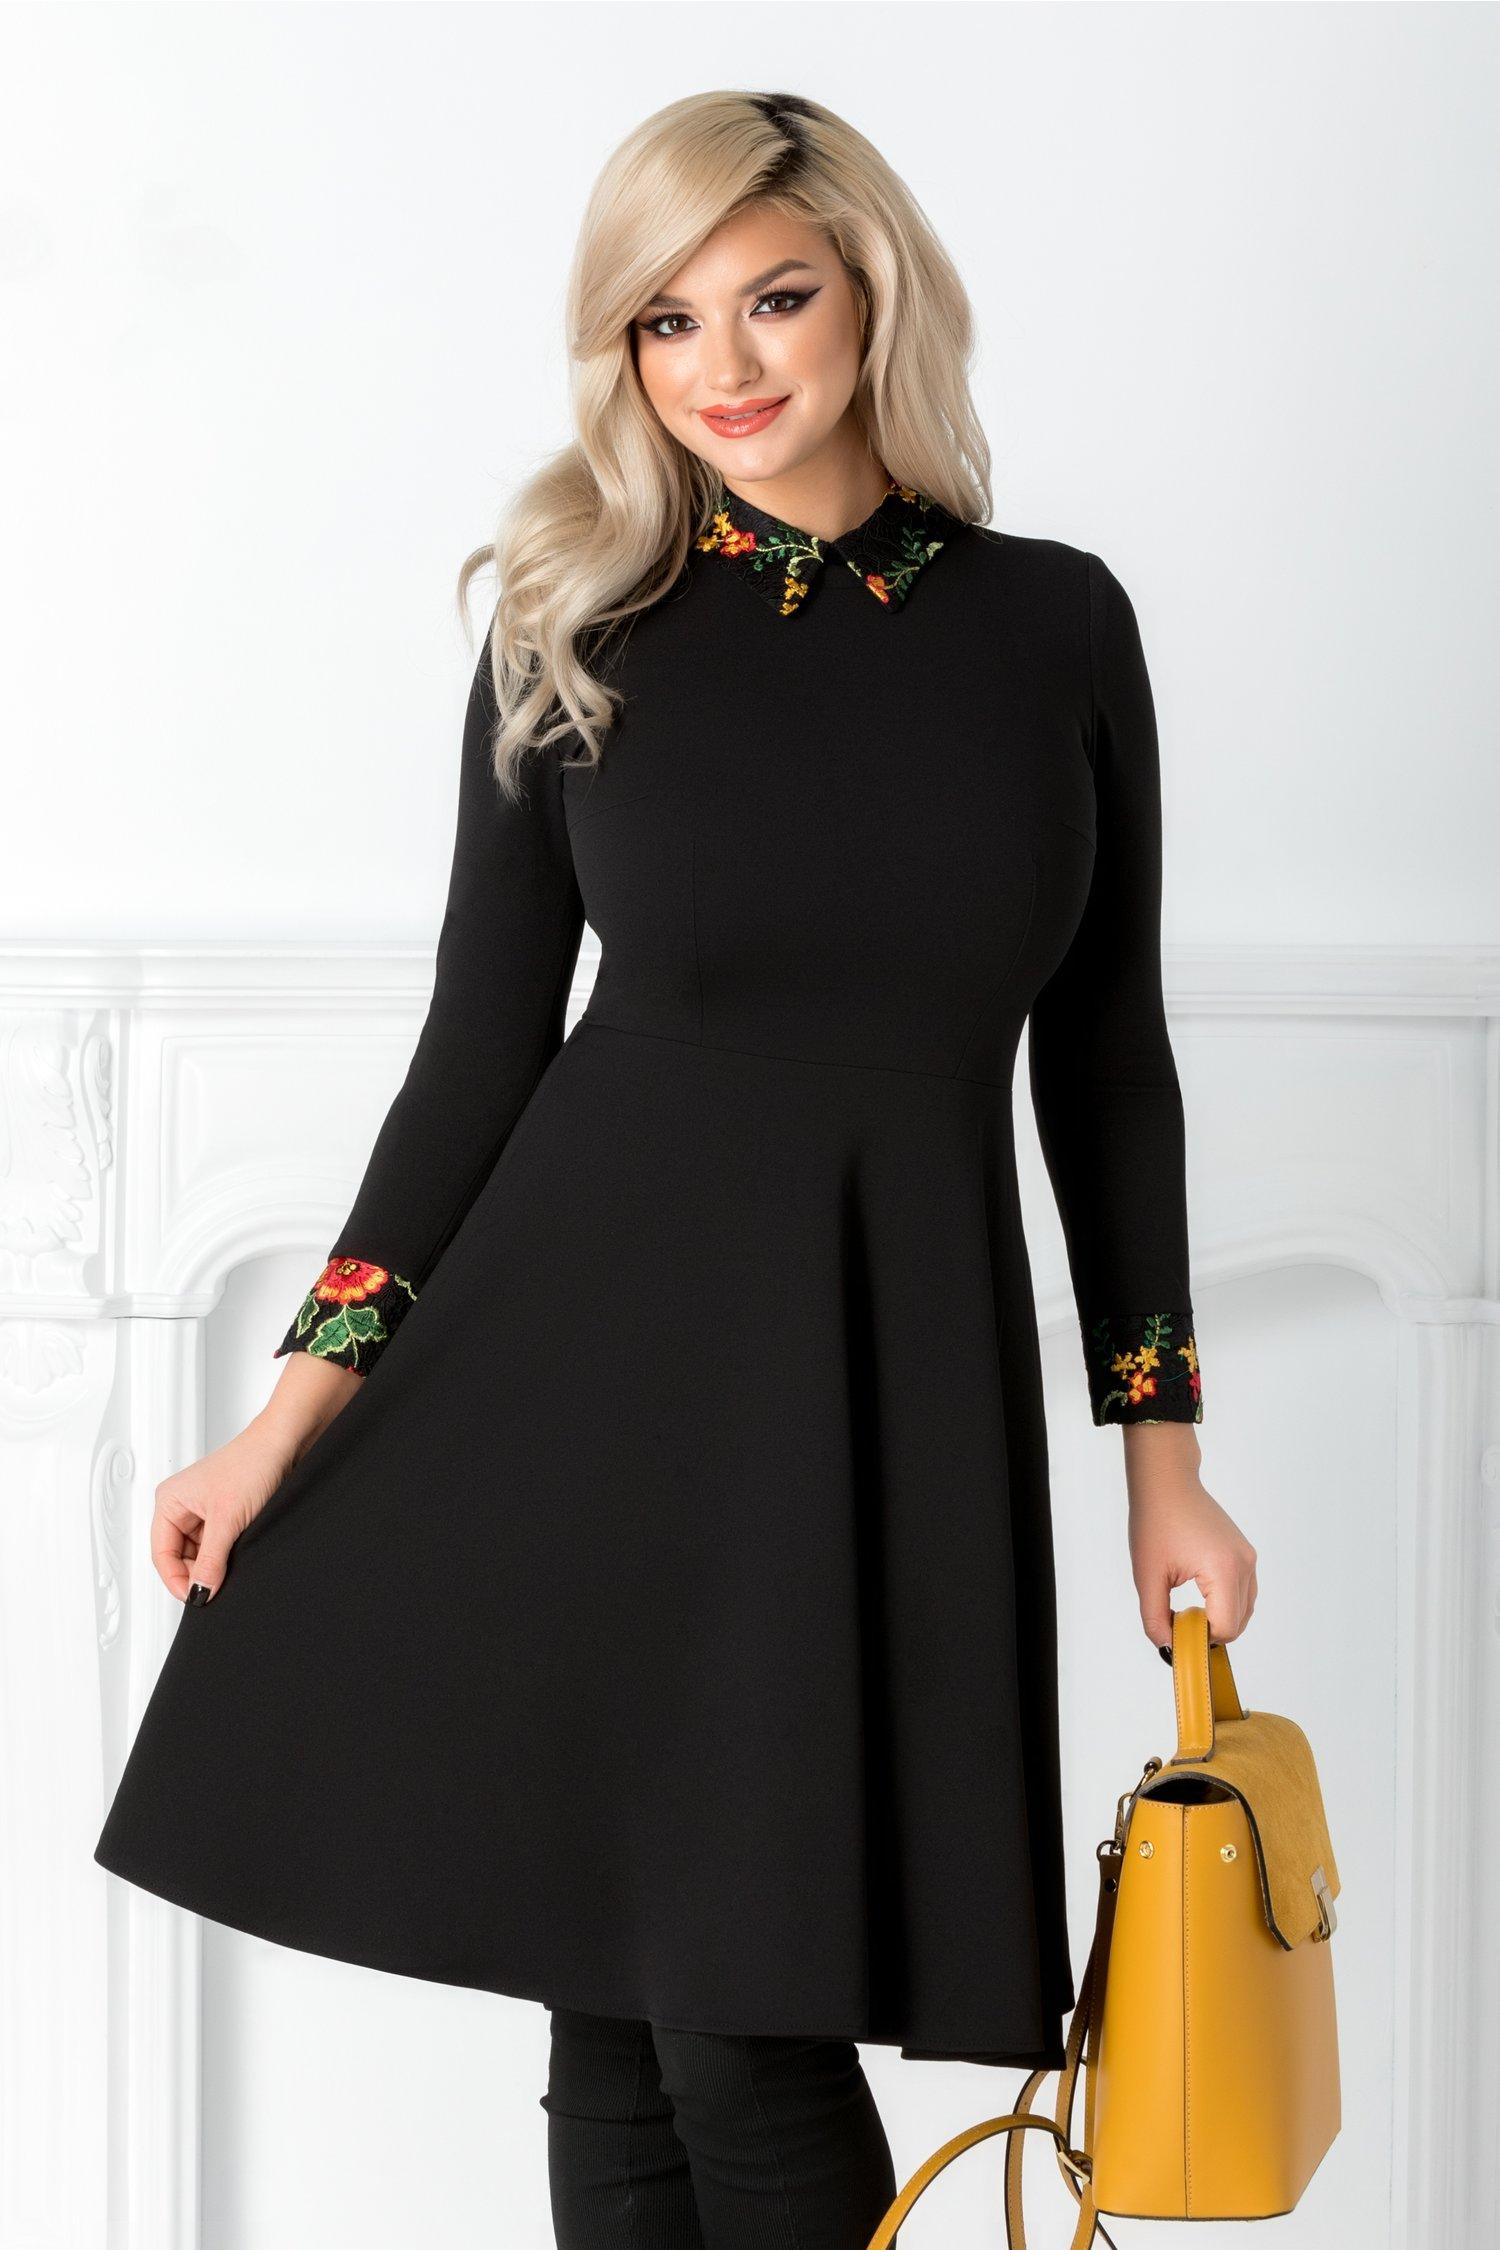 Rochie Moze neagra cu guler brodat floral